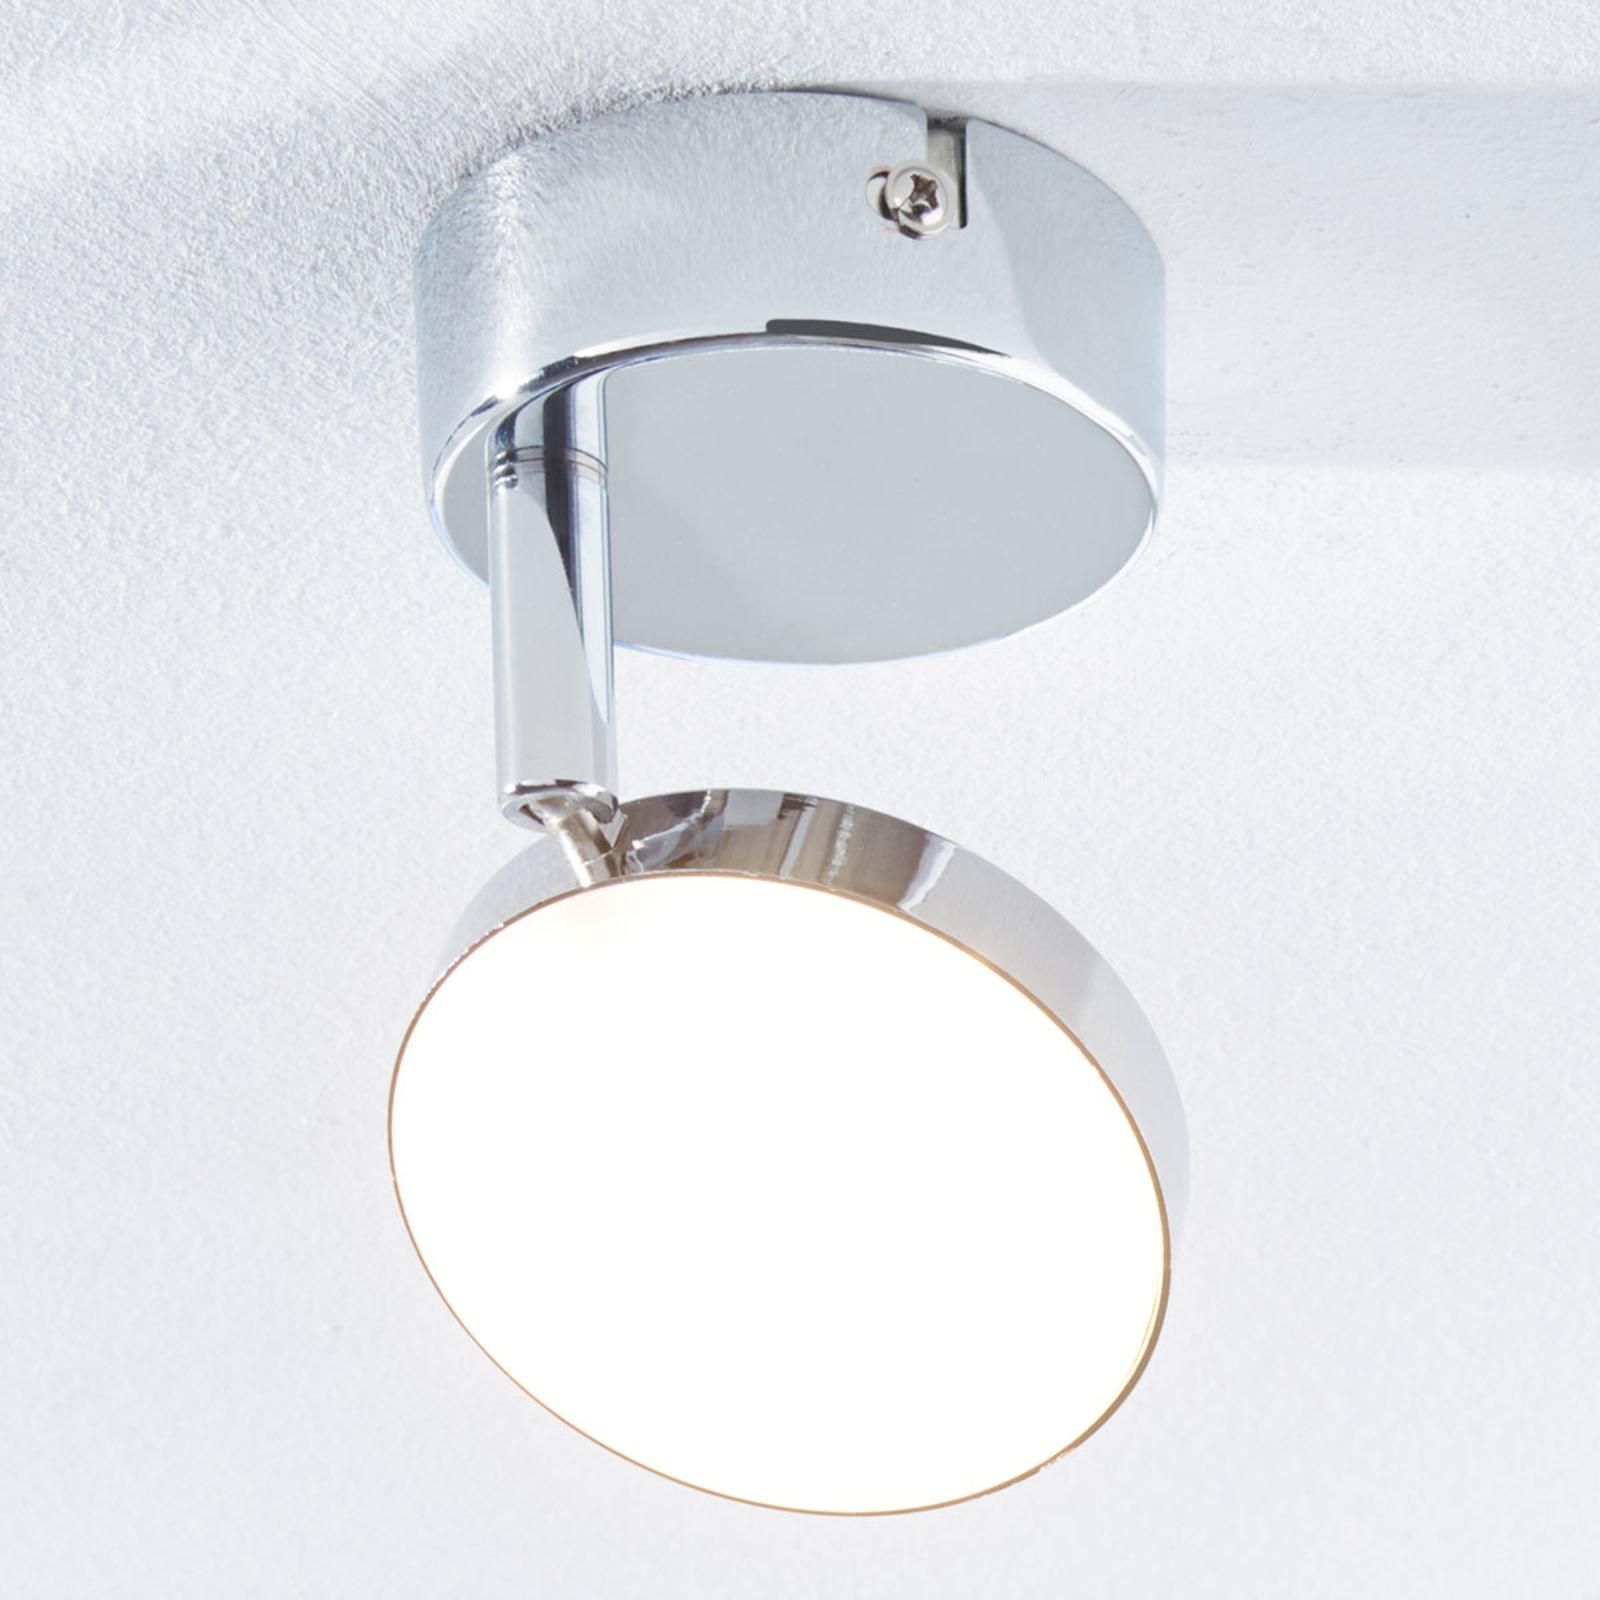 LED-kohdevalaisin Keylan, 1-lamppuinen